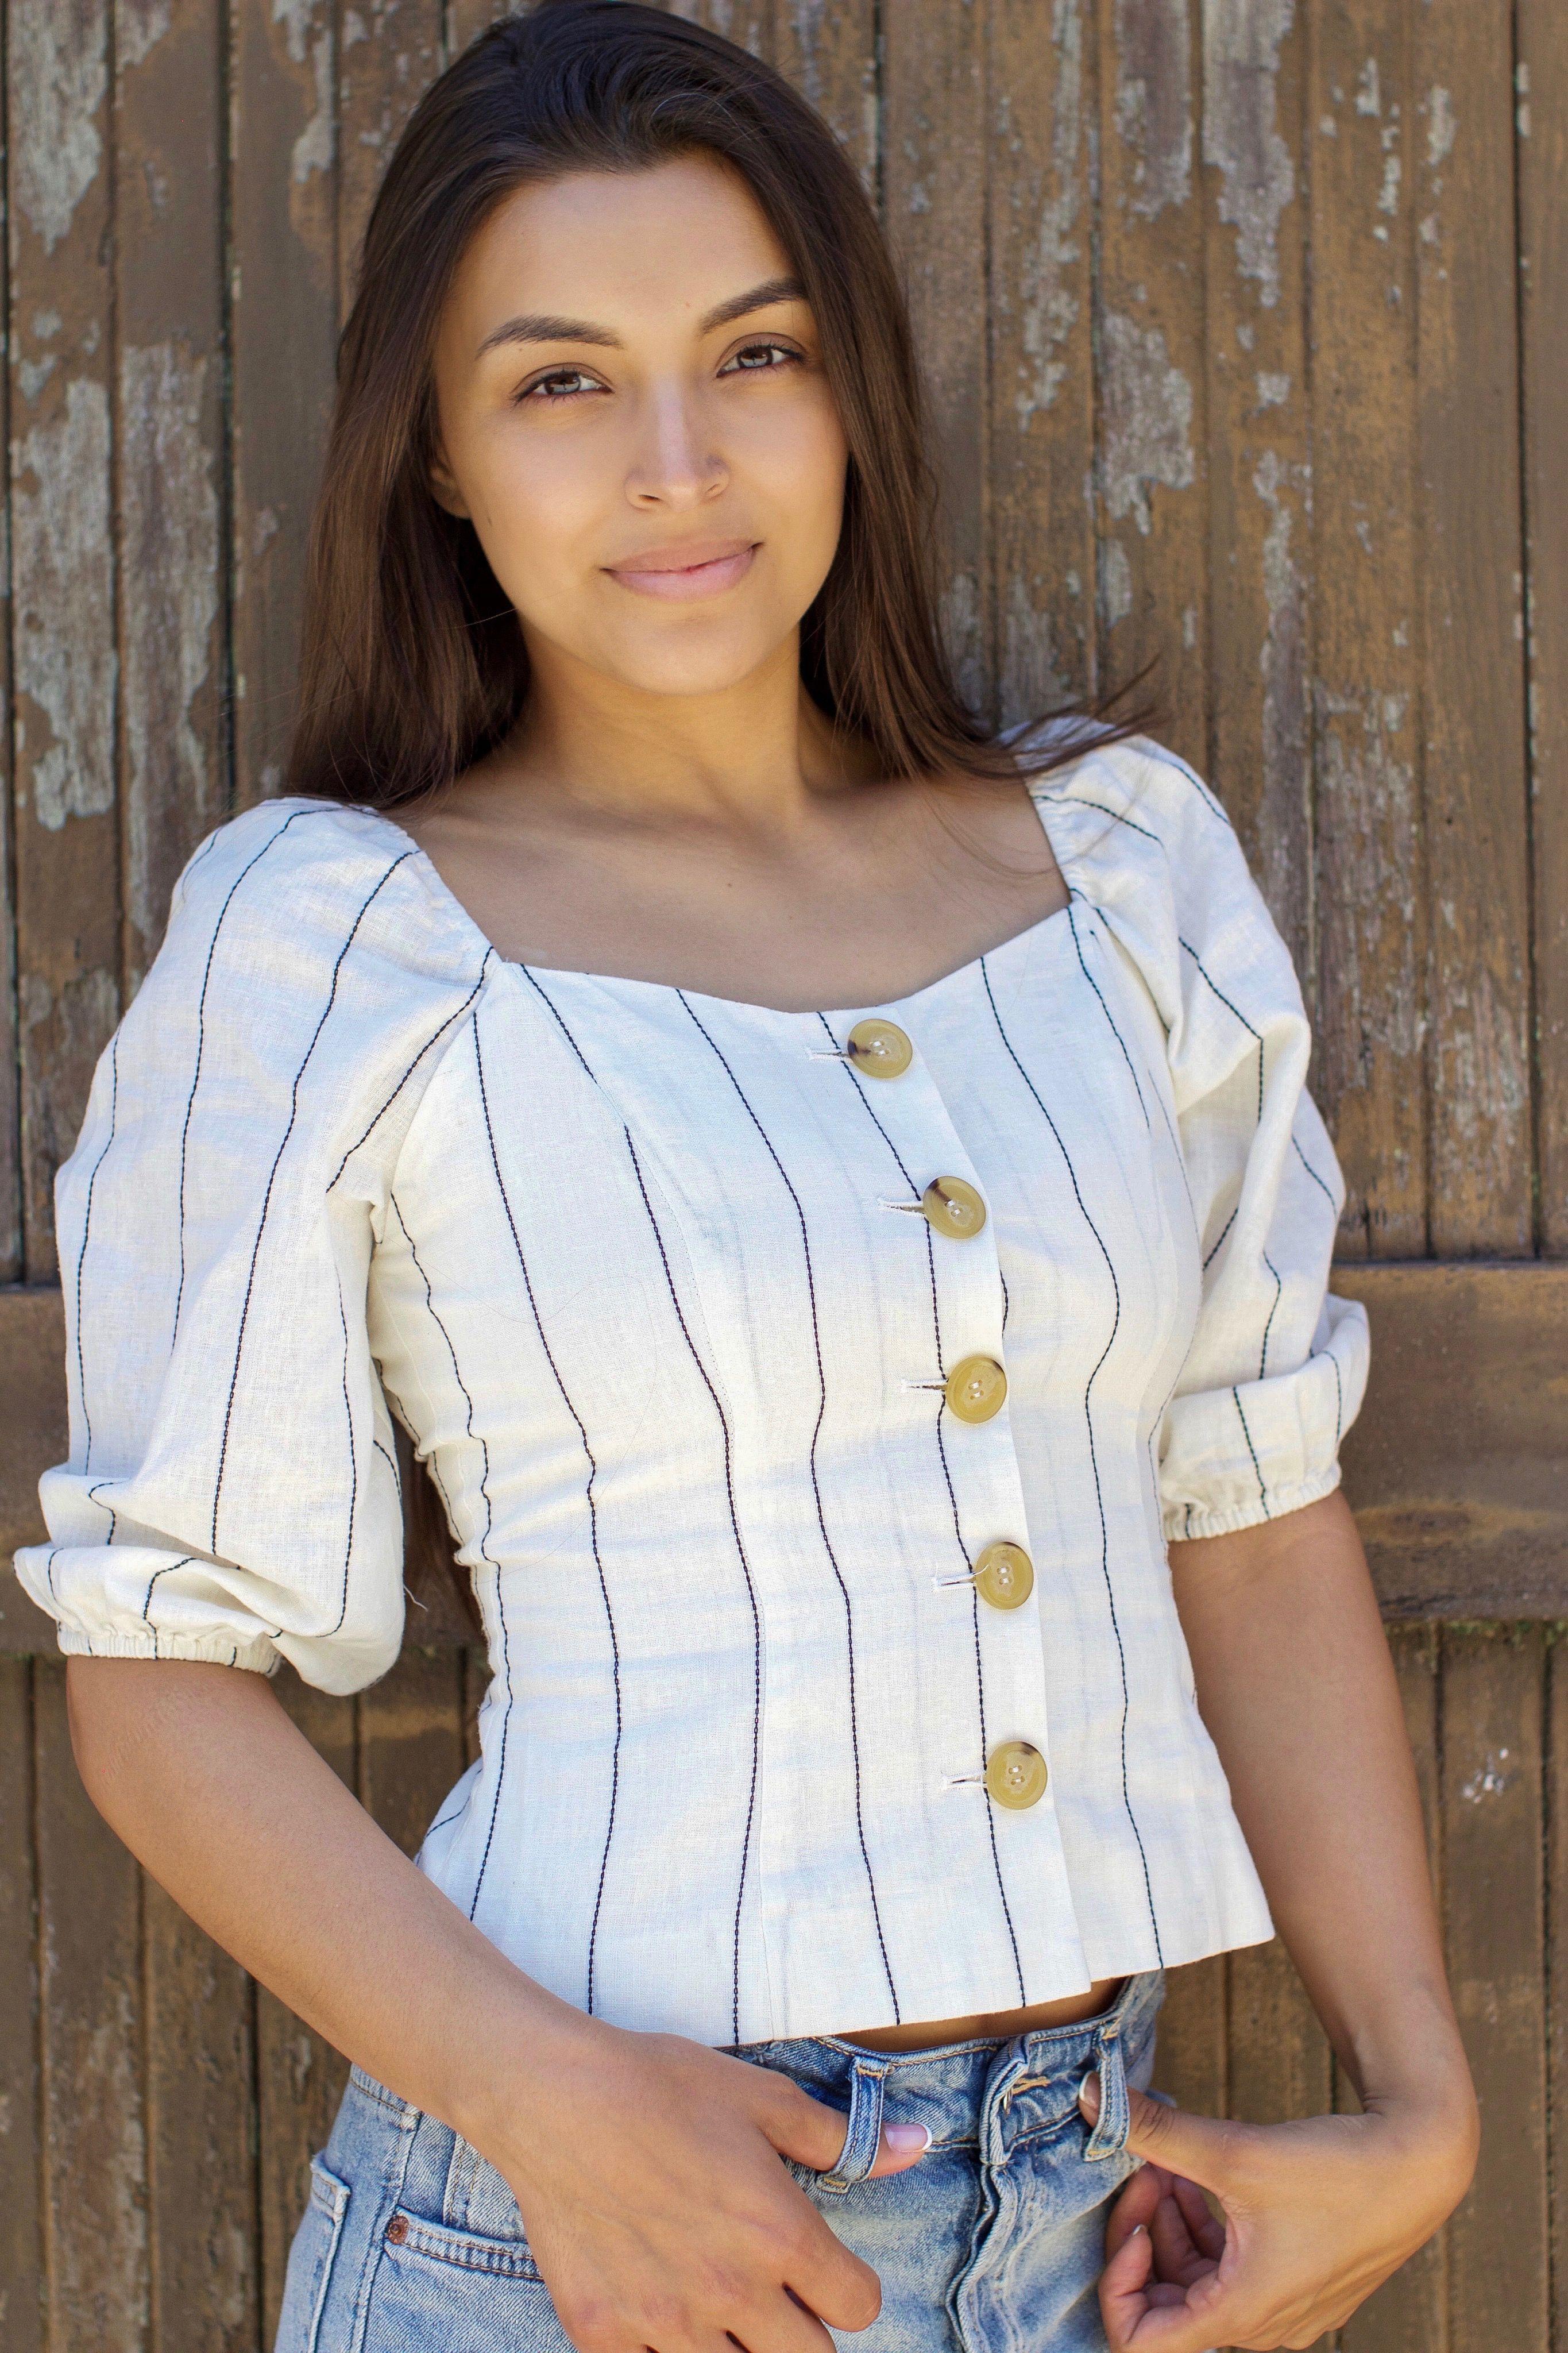 Amanda Armas